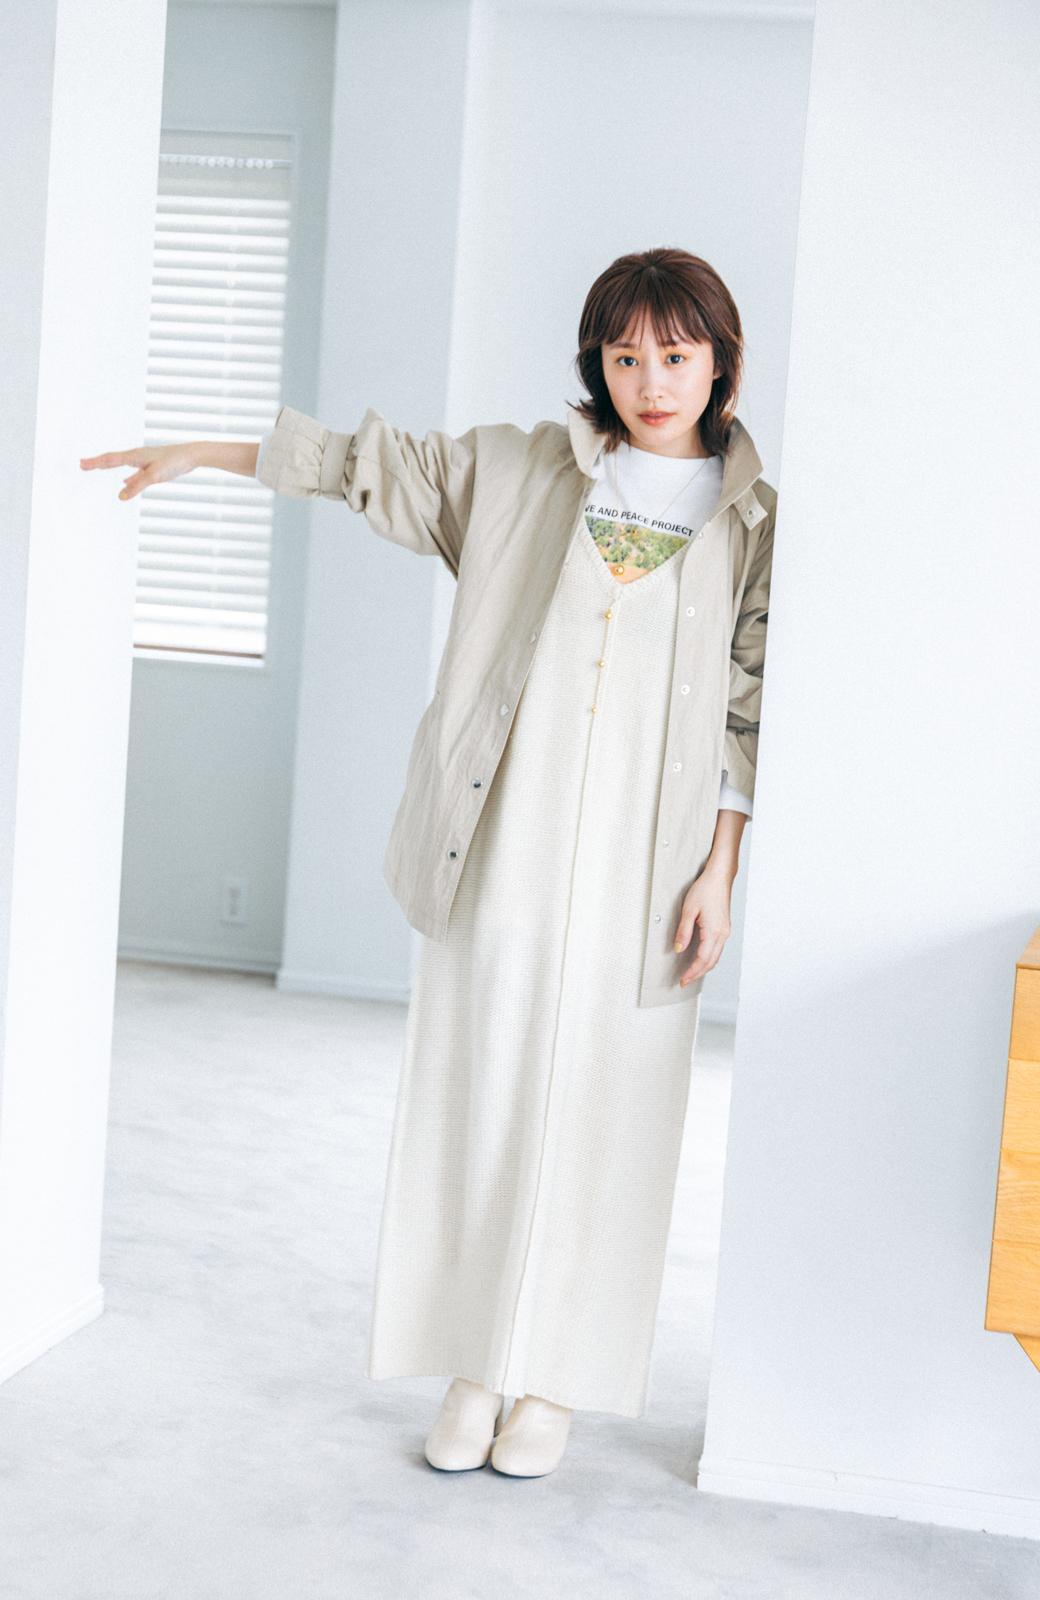 haco! 【高橋愛さんコラボ】フォトプリントのユニセックスロングTシャツ by LOVE&PEACE PROJECT + PBP  <ホワイト>の商品写真20